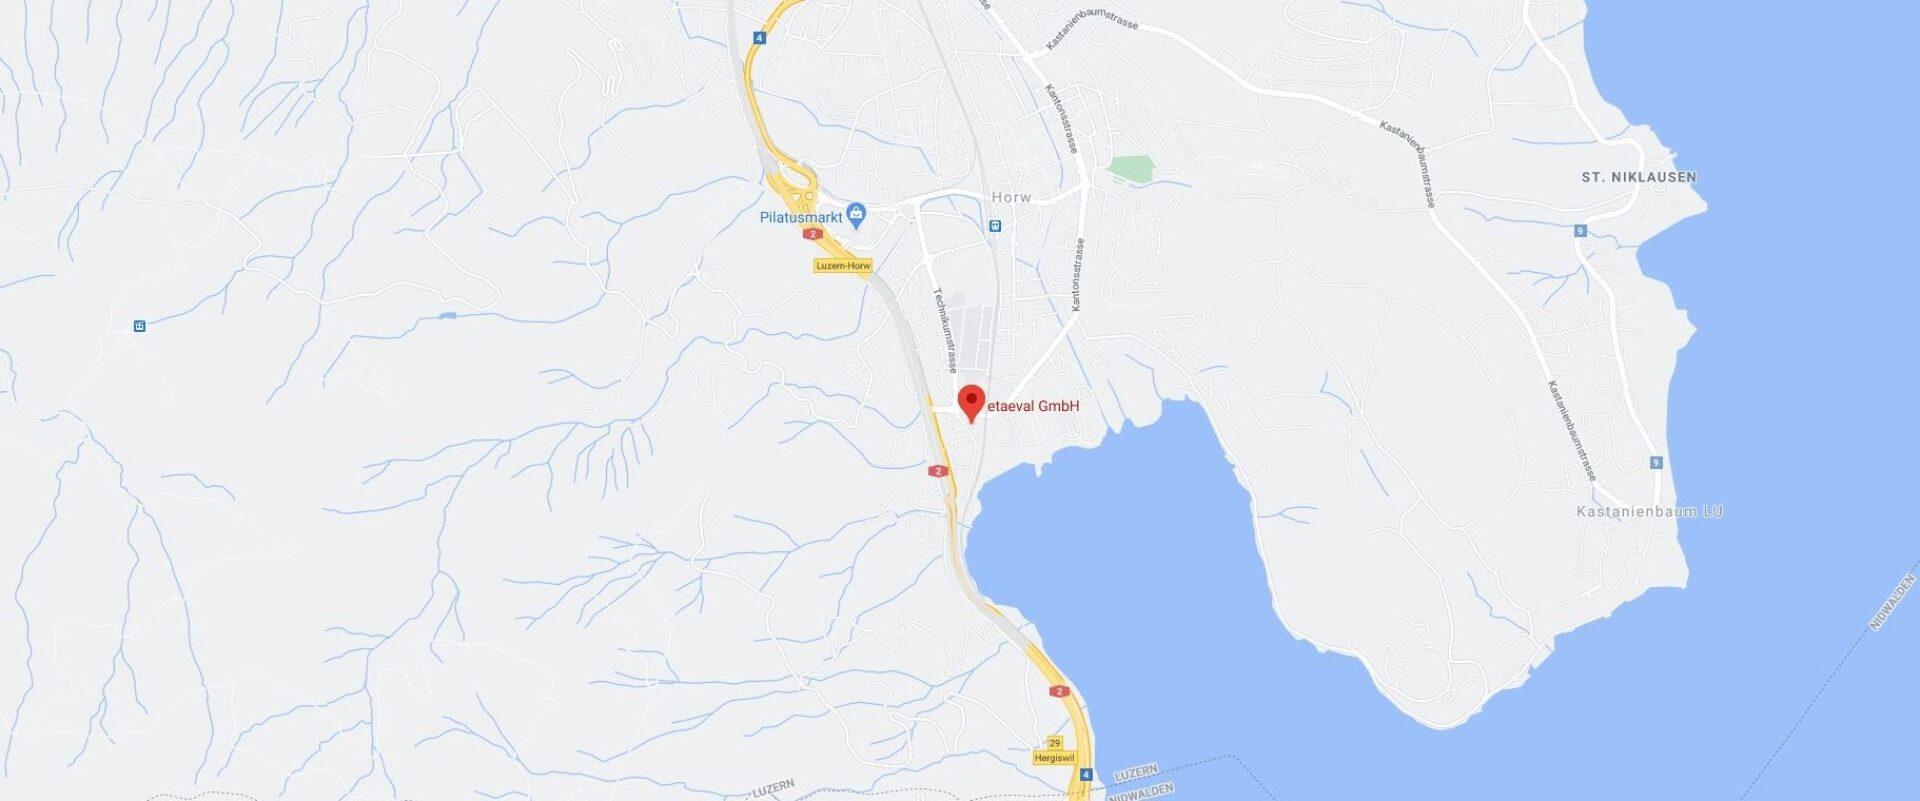 Map etaeval